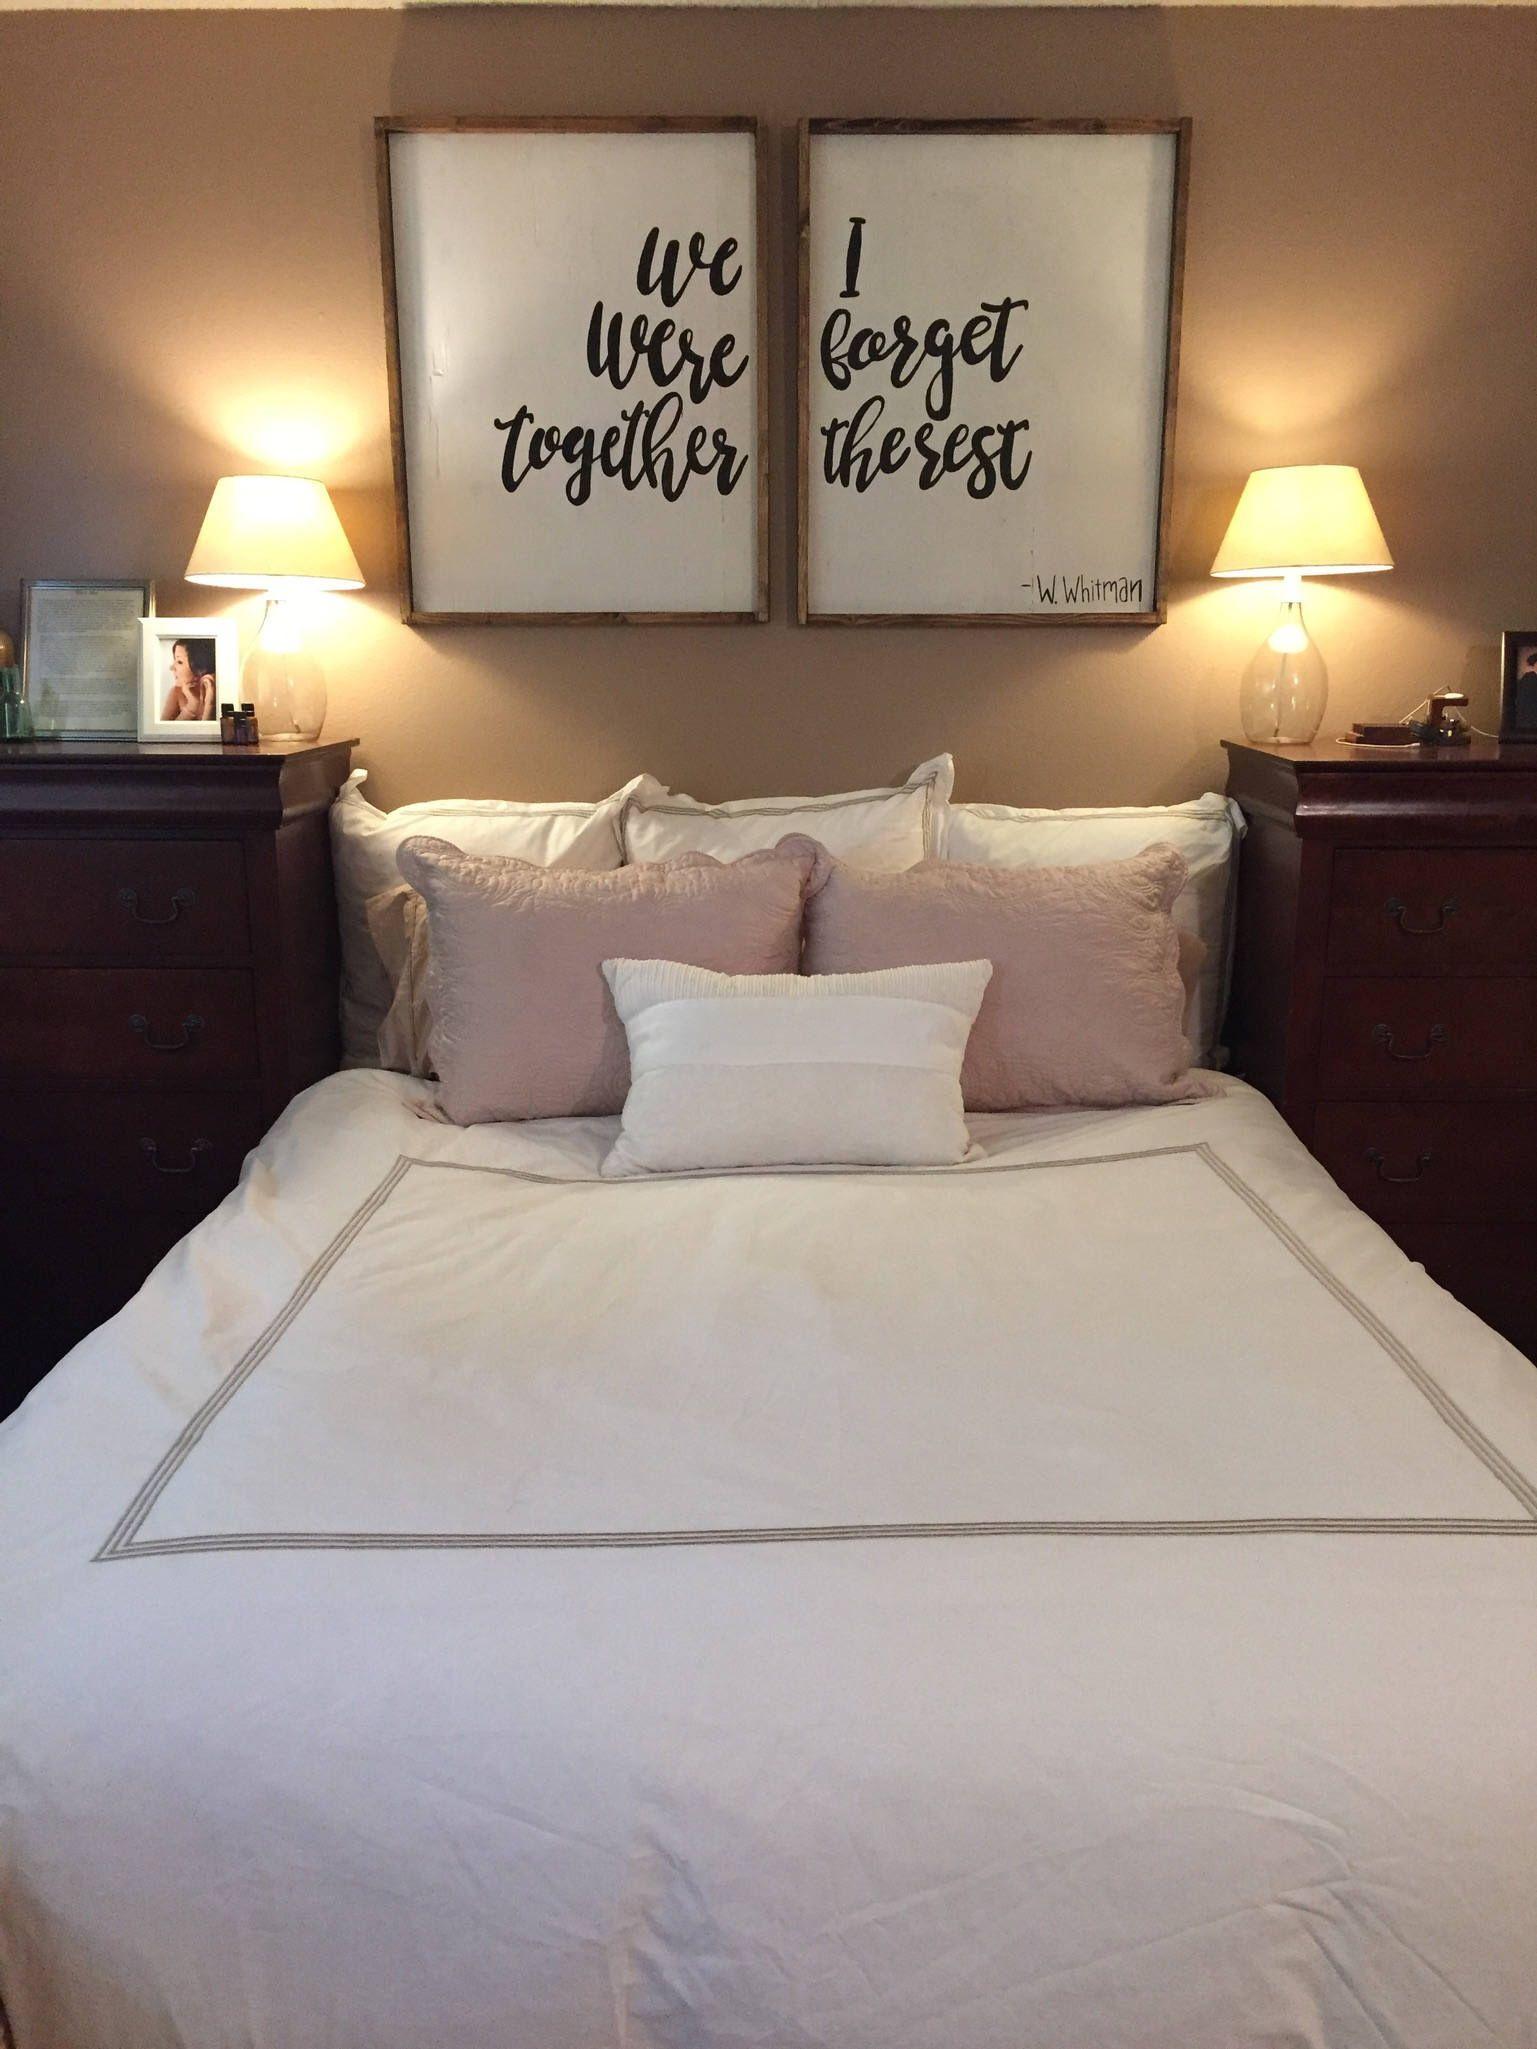 We Were Together, I Forget The Rest - Wood Sign | Bedroom ...